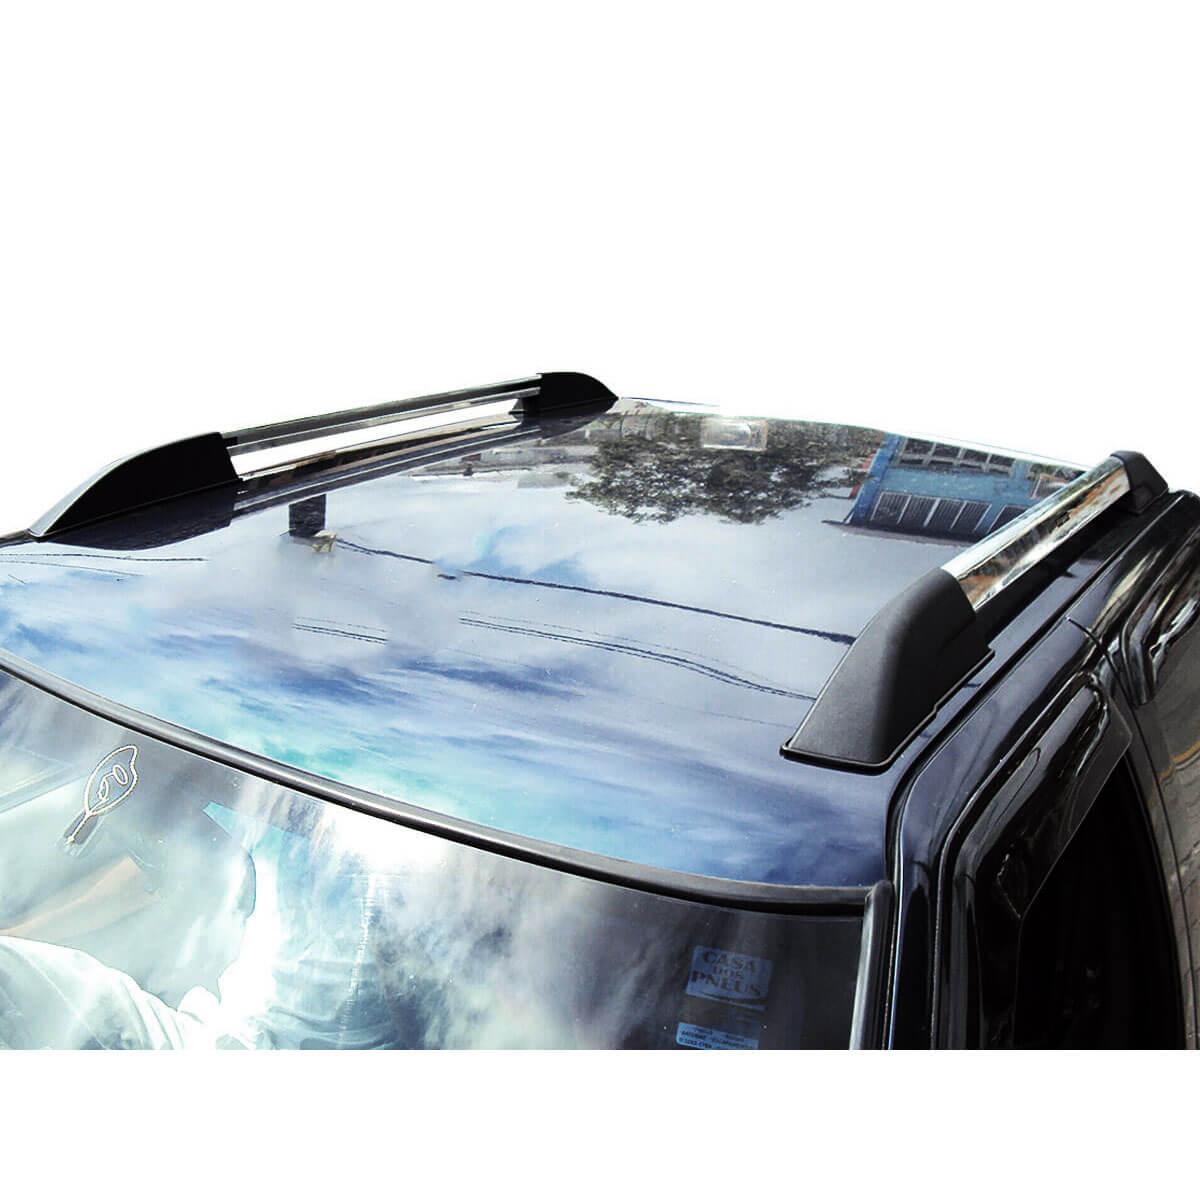 Longarina rack de teto Bepo Executive polido S10 cabine dupla 1997 a 2011